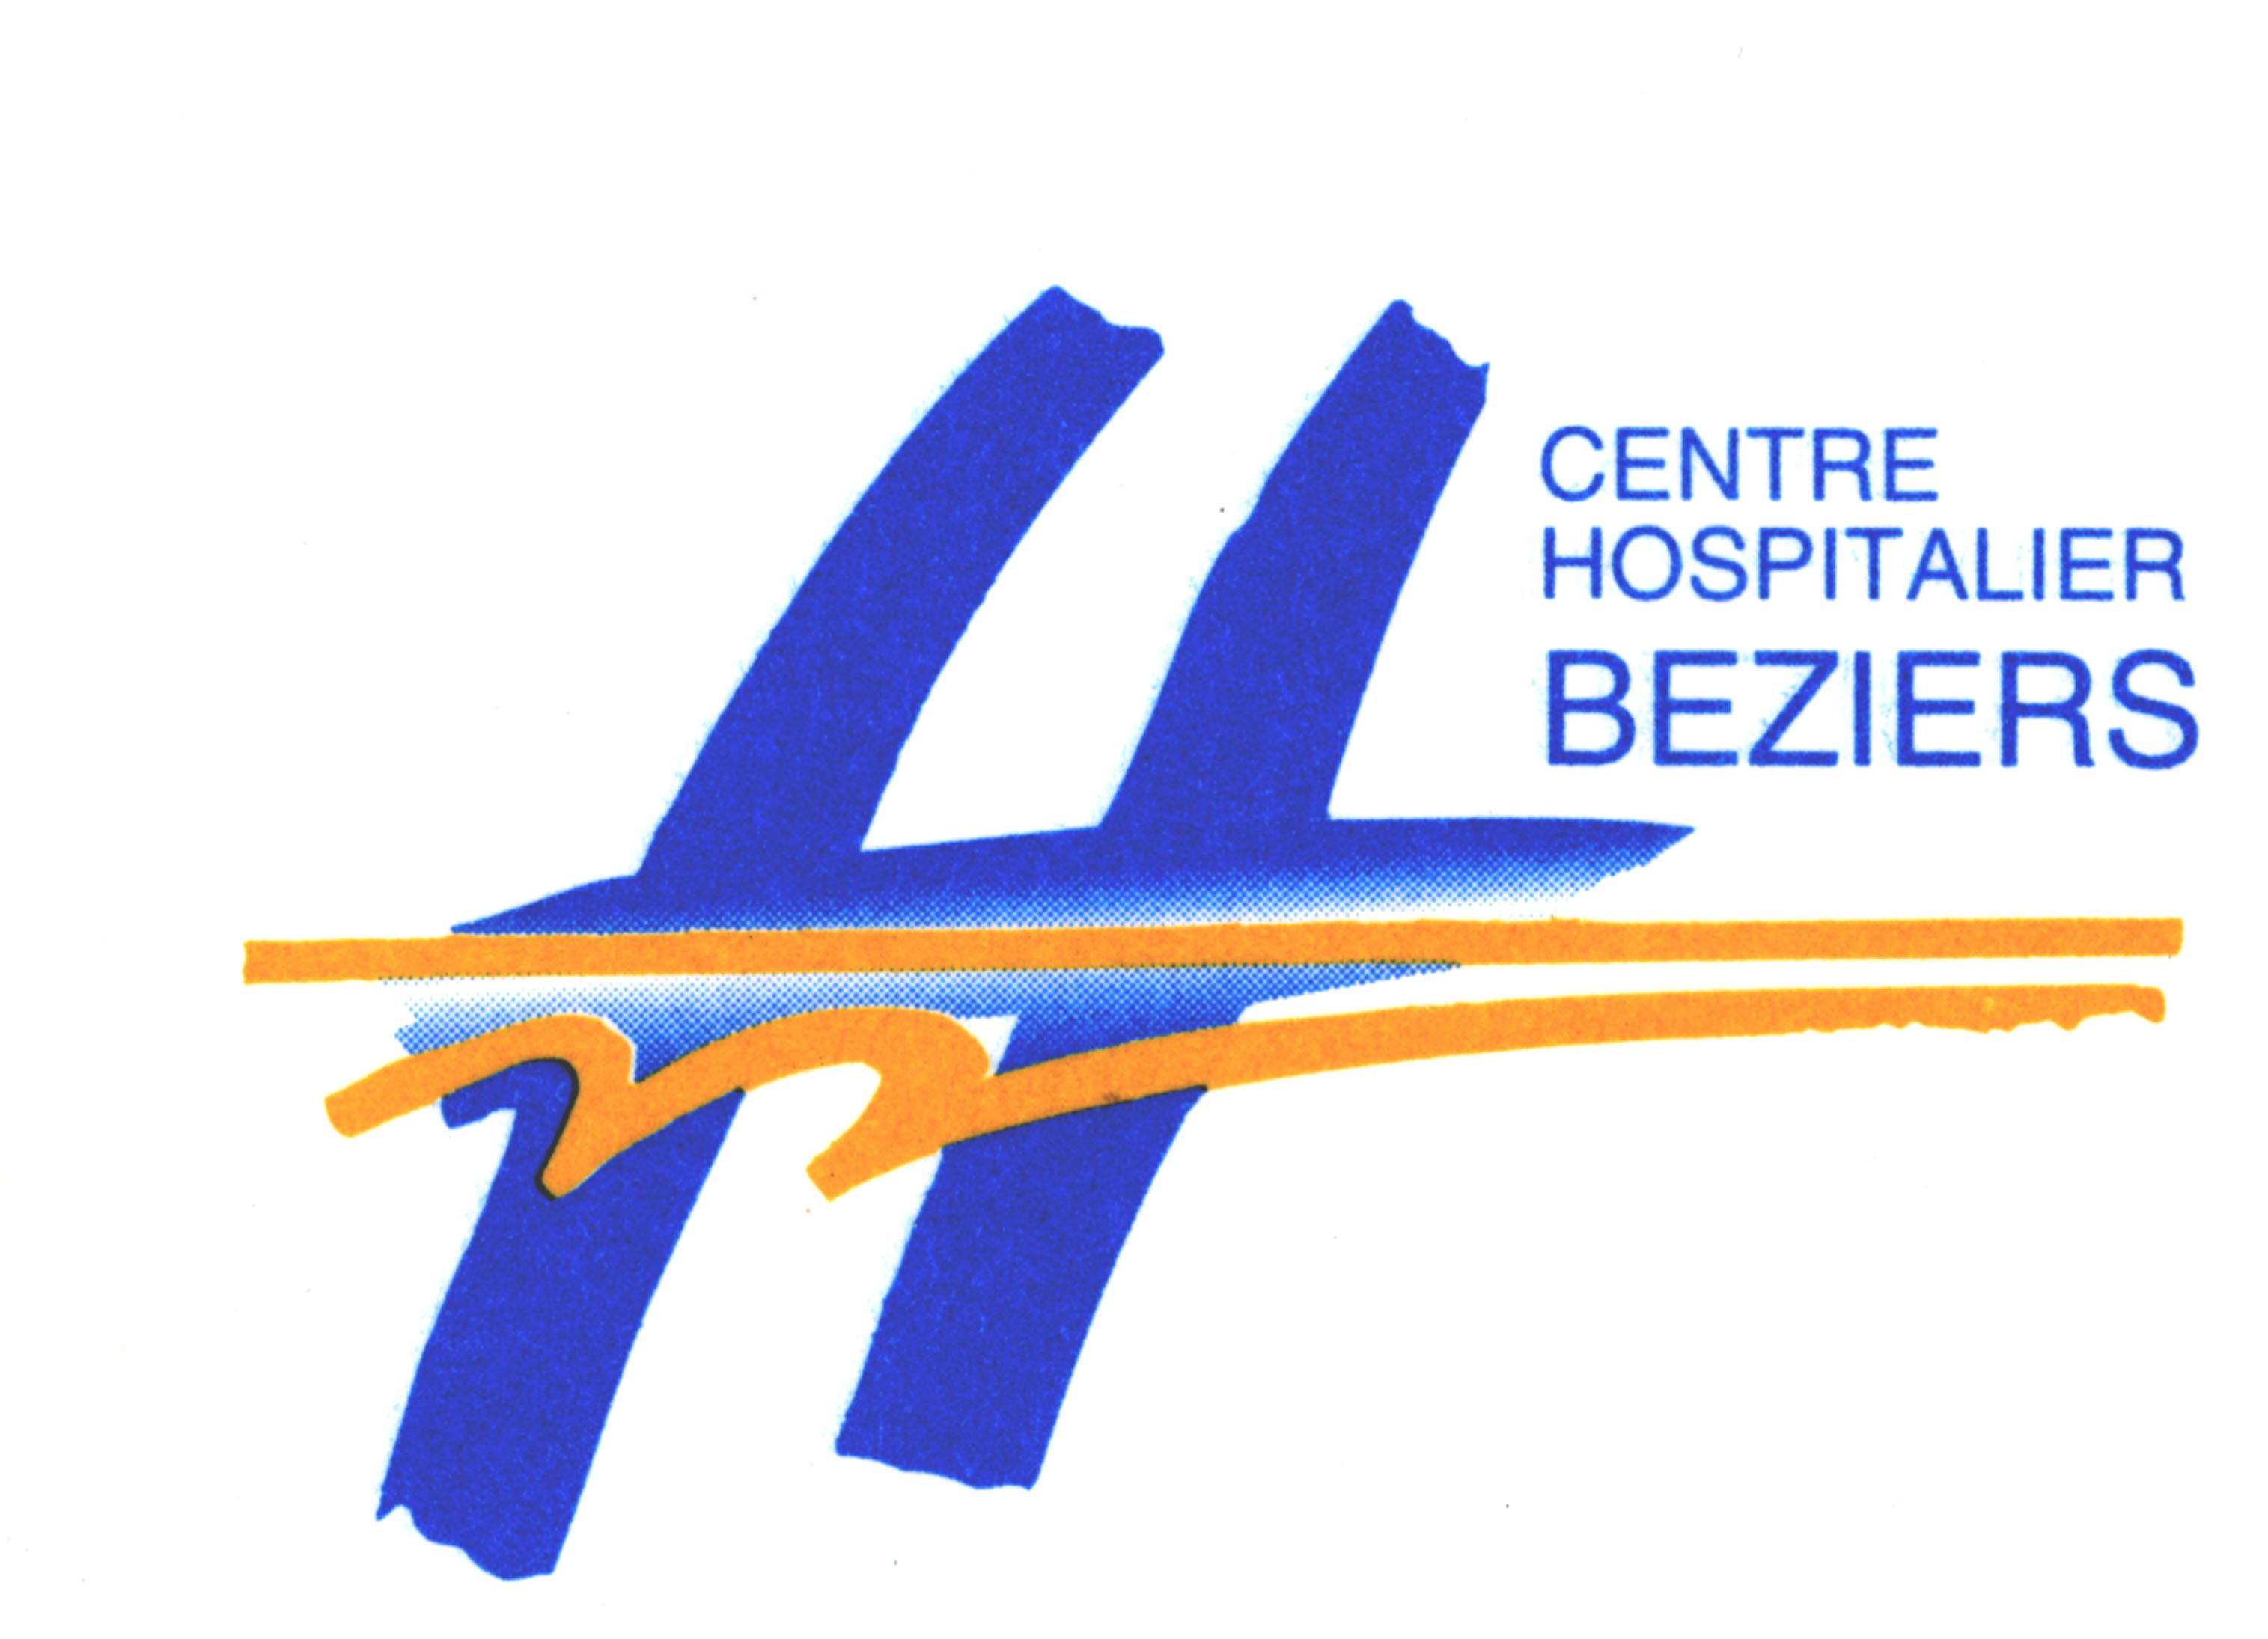 Construction modulaire de l'hôpital de Béziers.